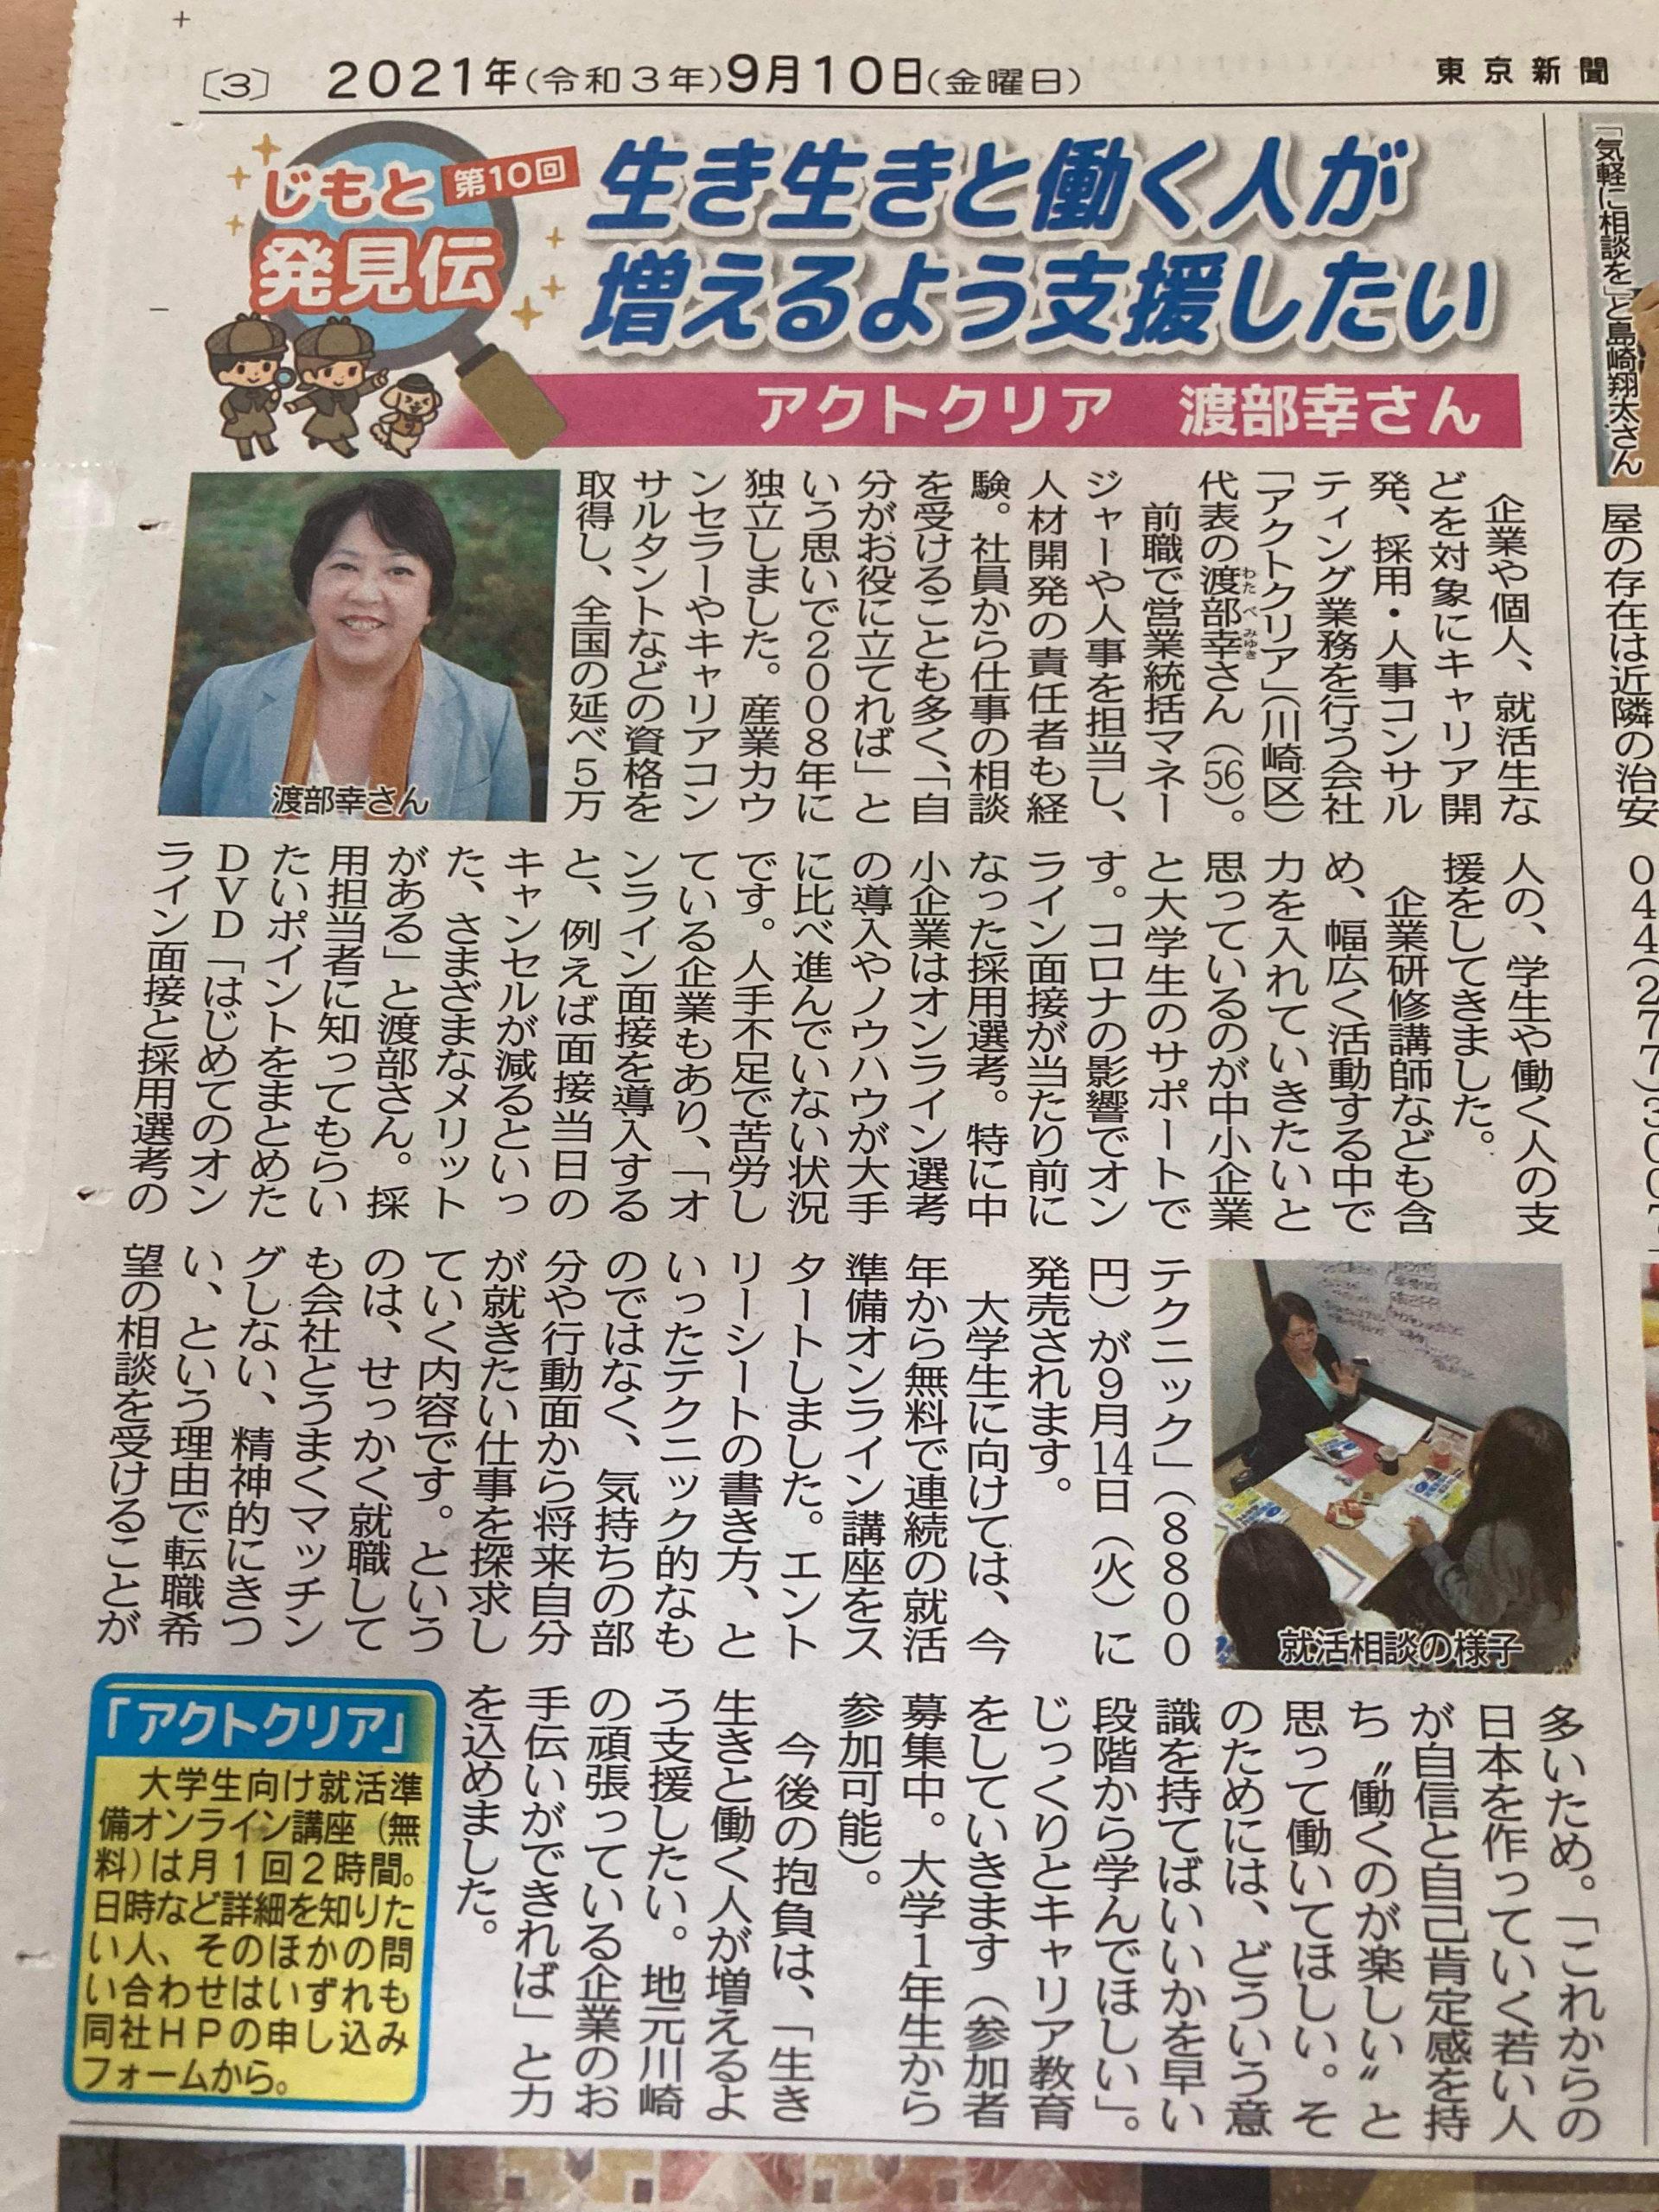 東京新聞TODAY川崎版「じもと発見伝」9/10に掲載されました